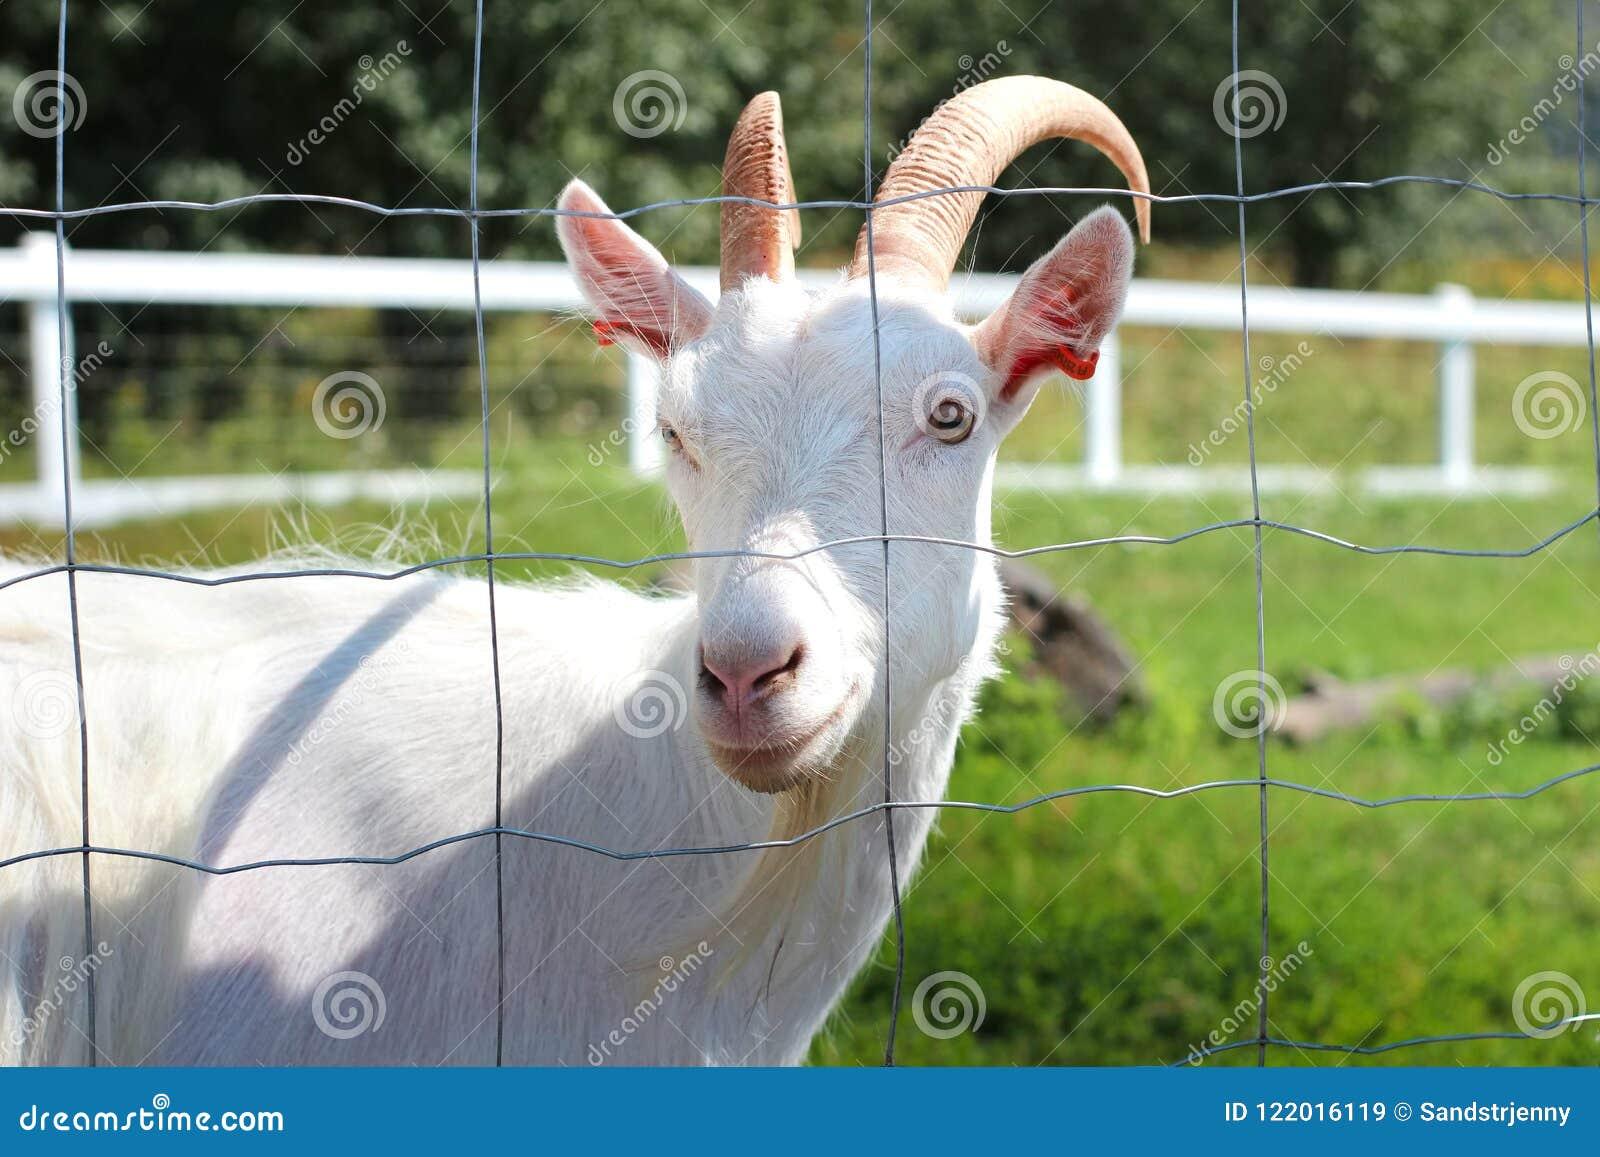 Chèvre blanche regardant par la barrière